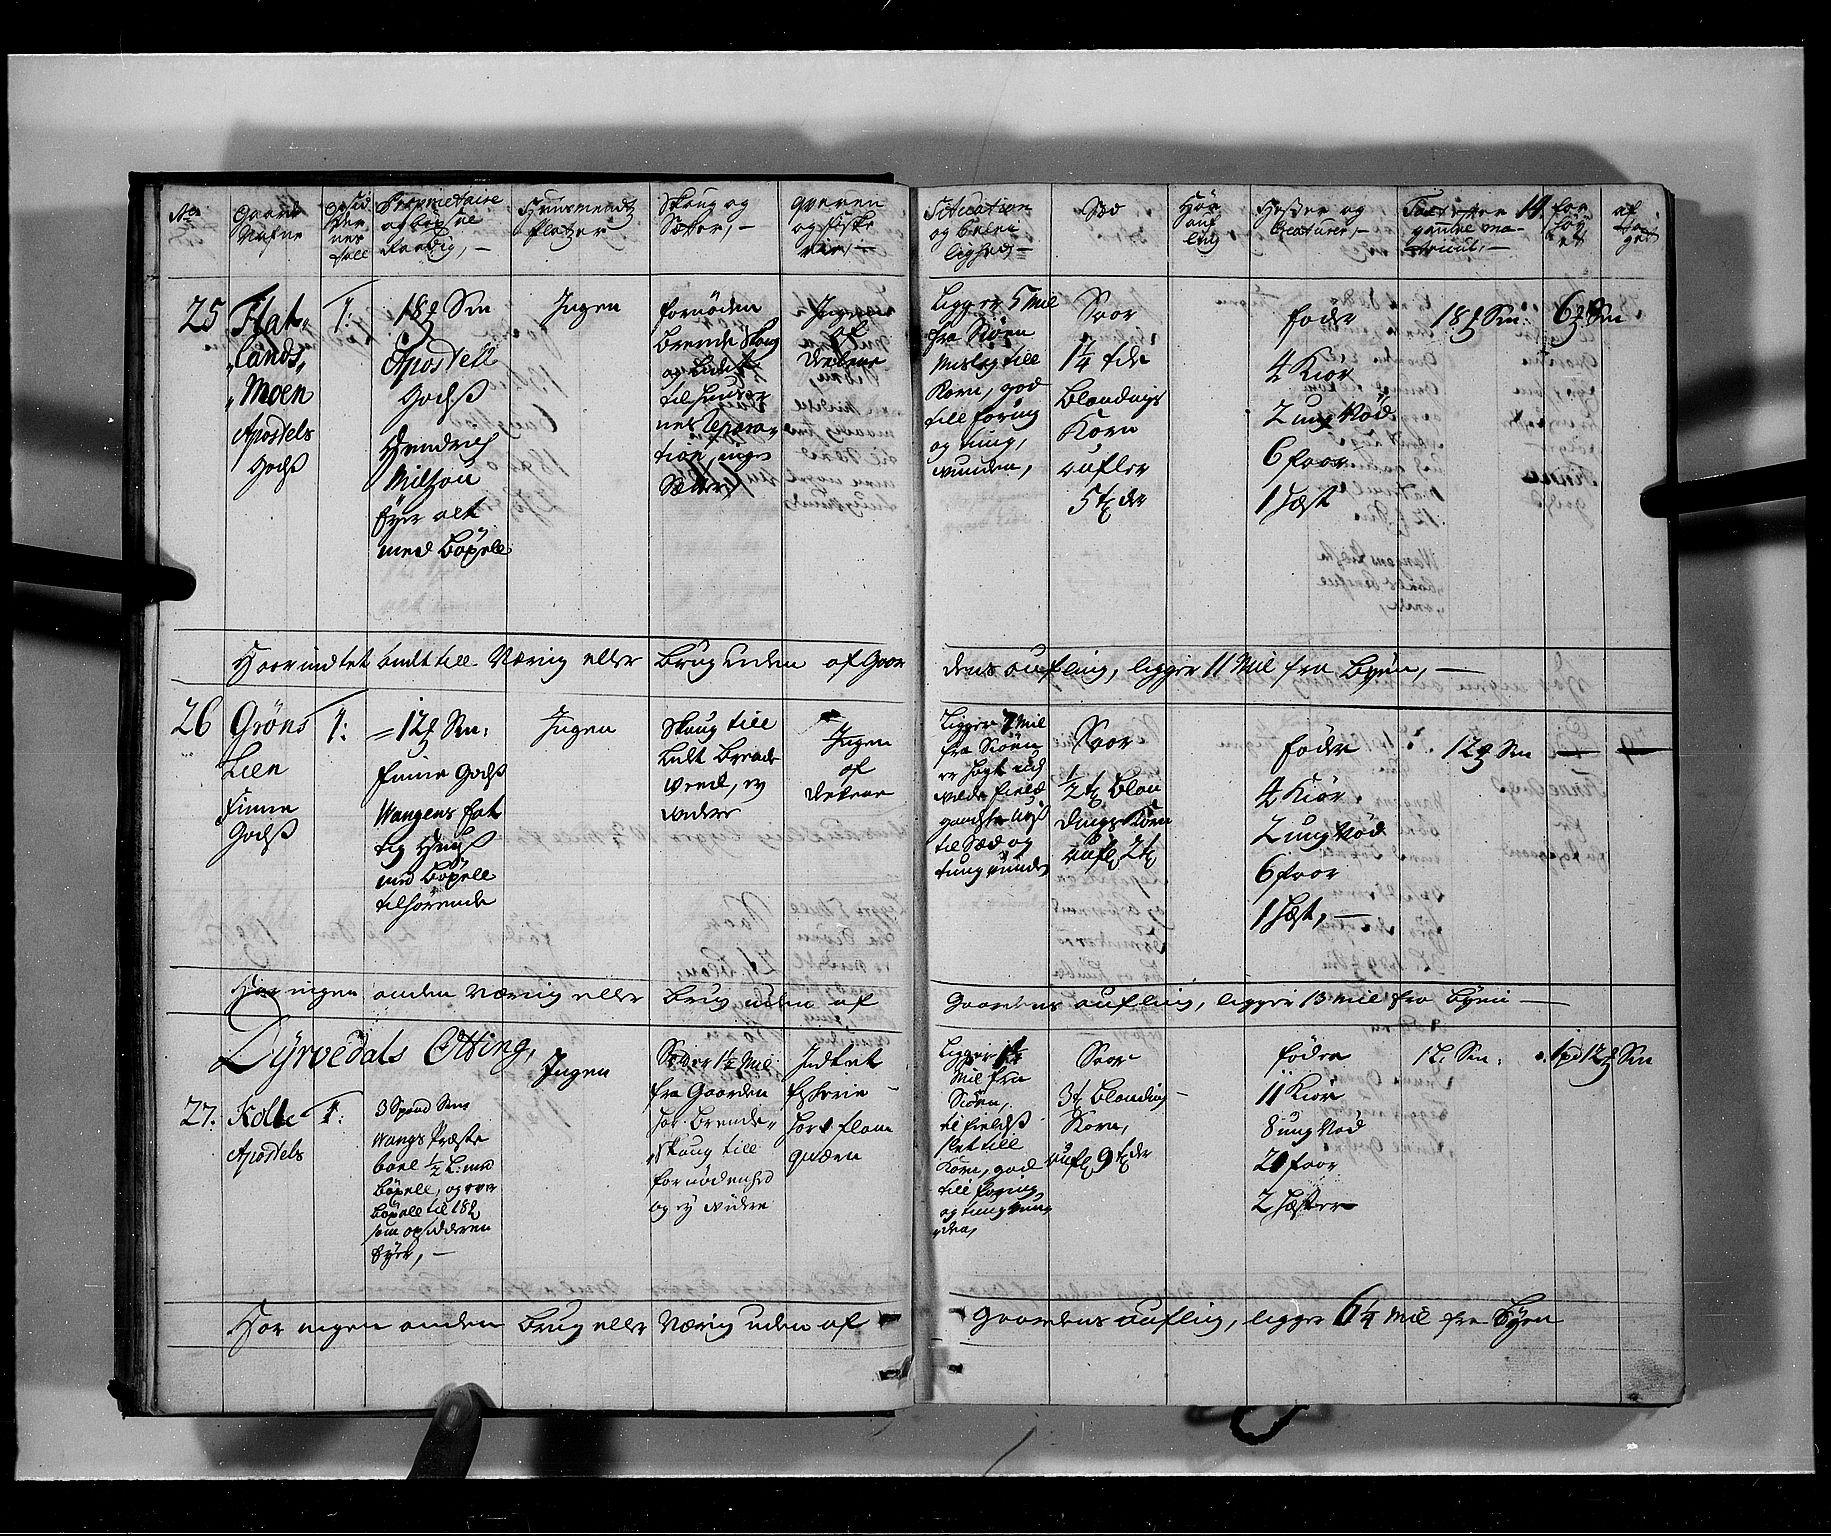 RA, Rentekammeret inntil 1814, Realistisk ordnet avdeling, N/Nb/Nbf/L0141: Voss eksaminasjonsprotokoll, 1723, s. 13b-14a